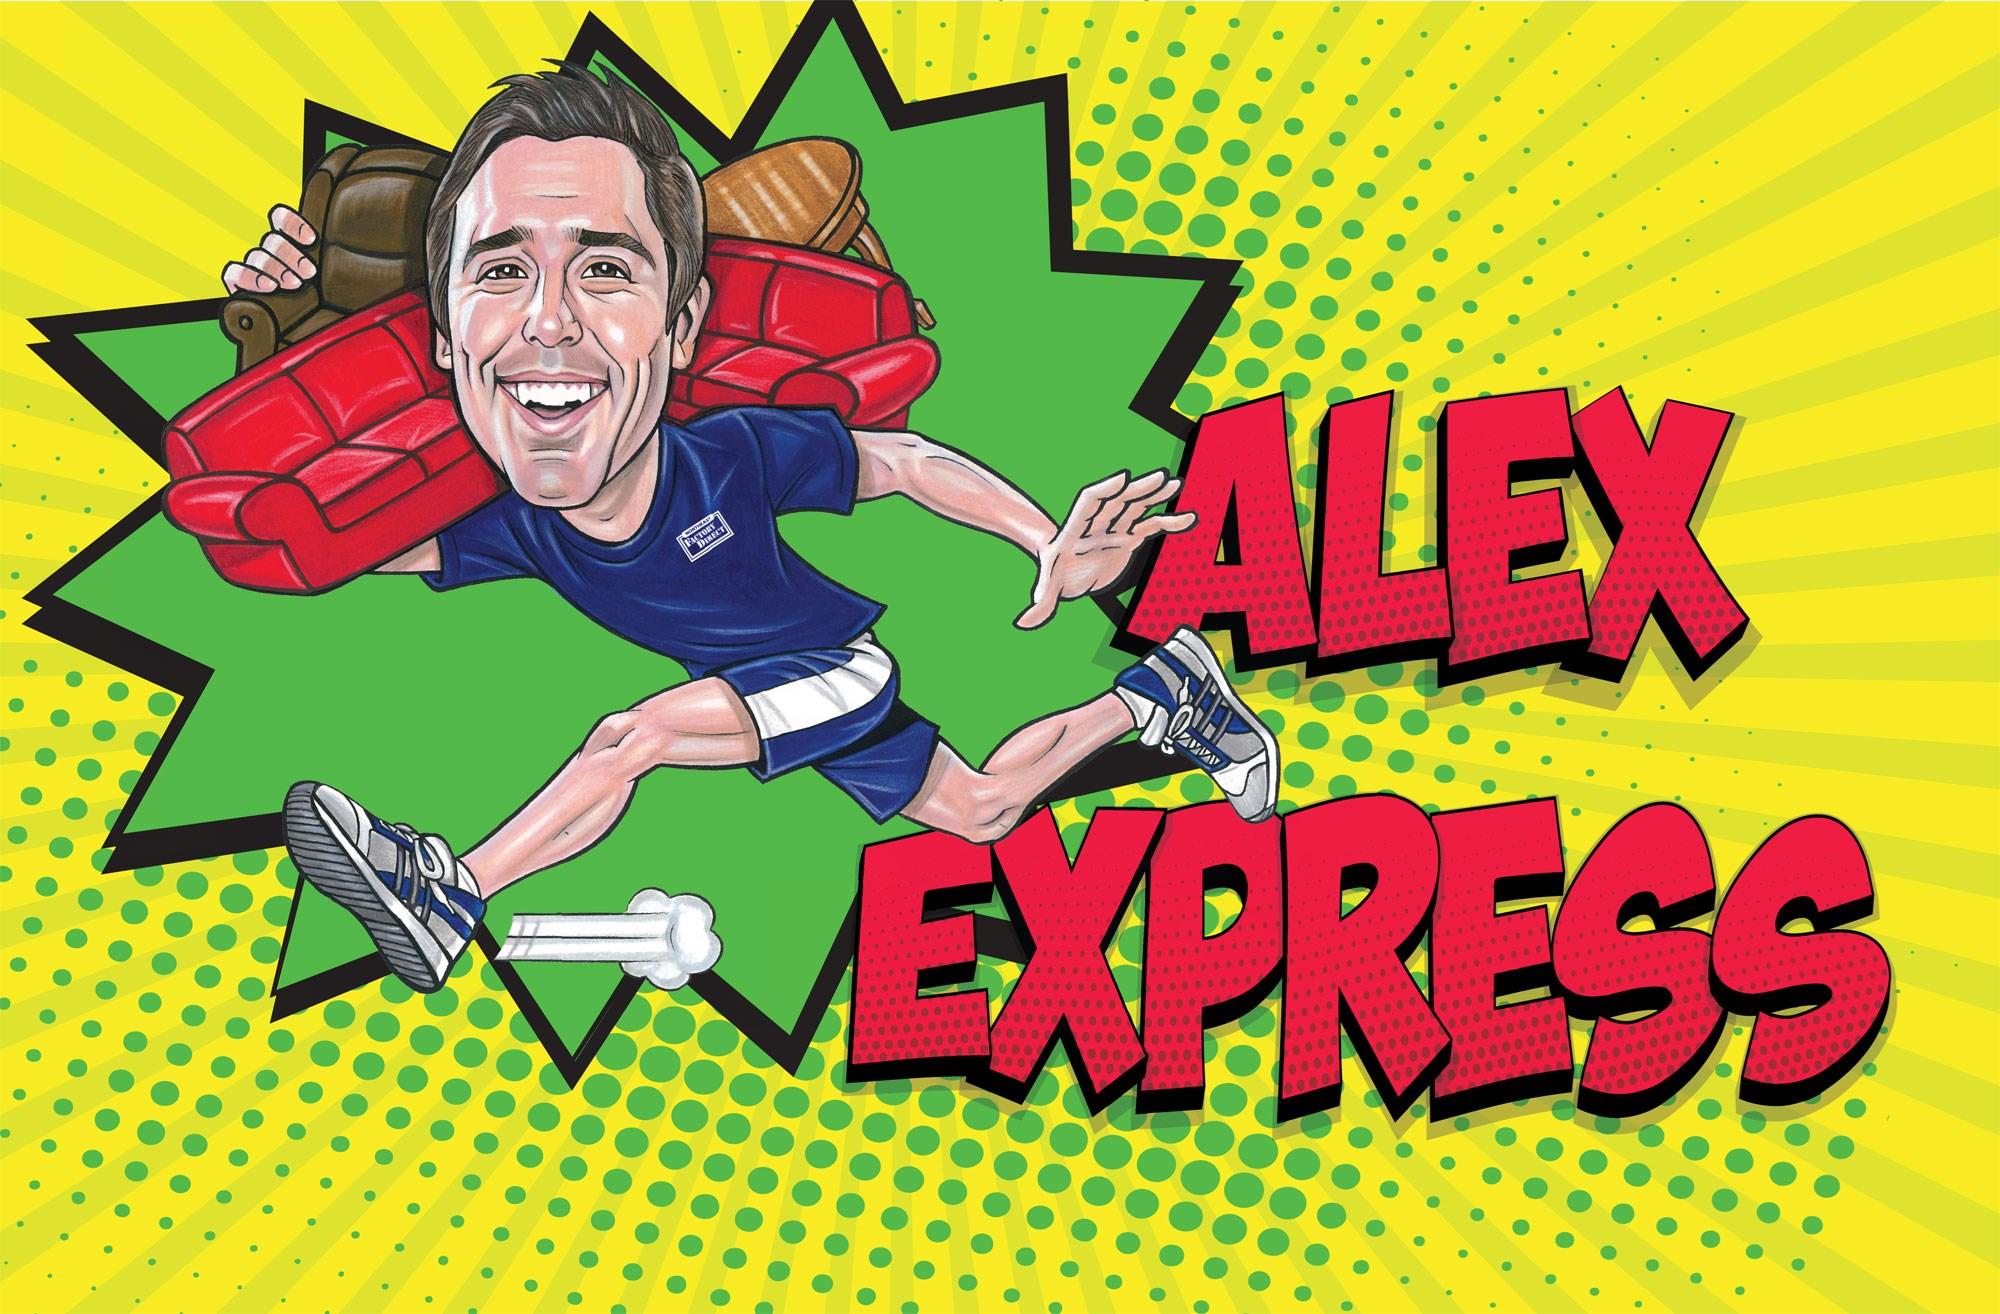 Alex Express